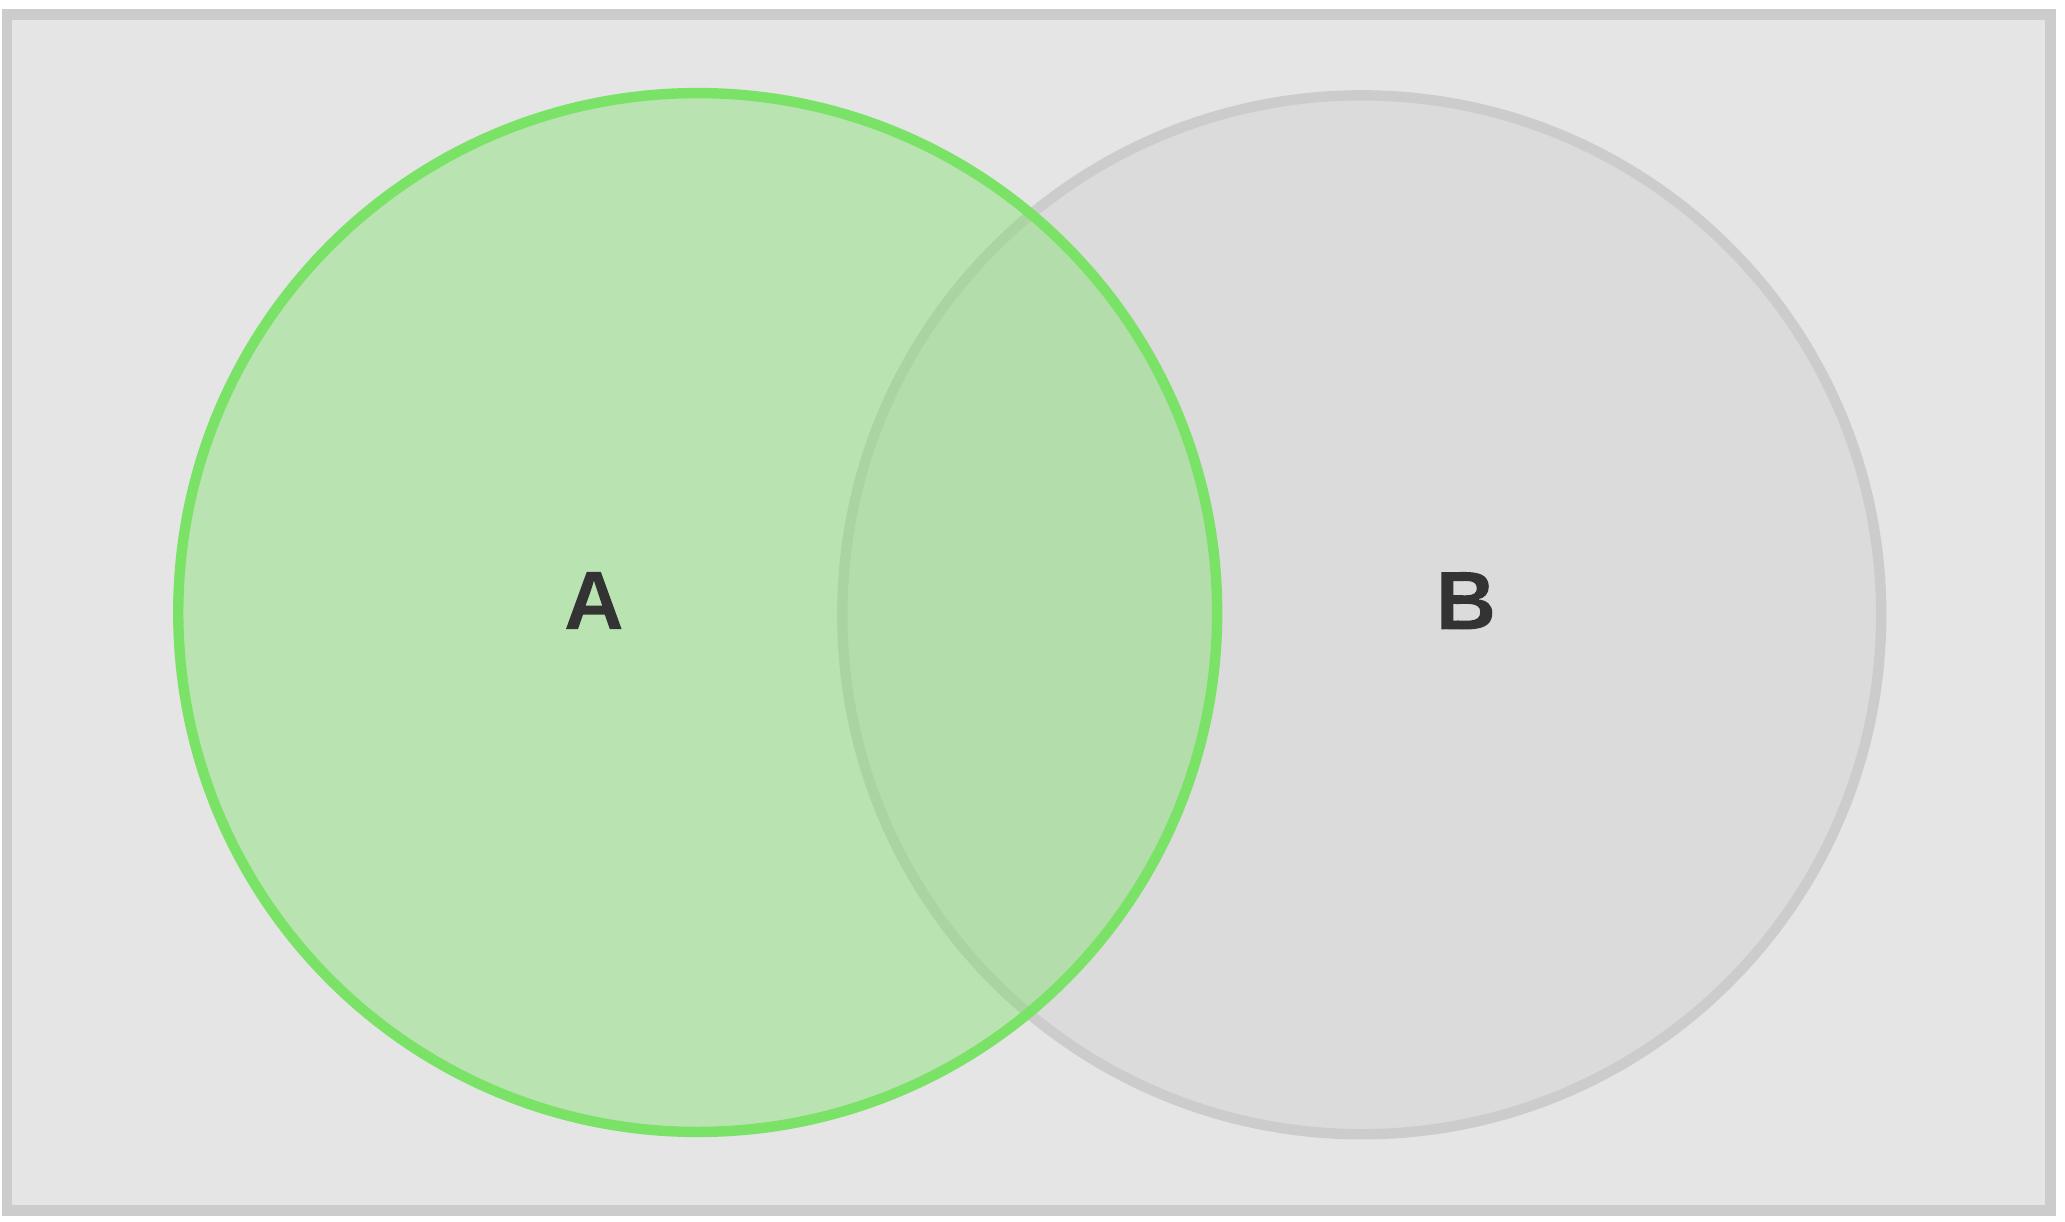 A Complement Union B Venn Diagram